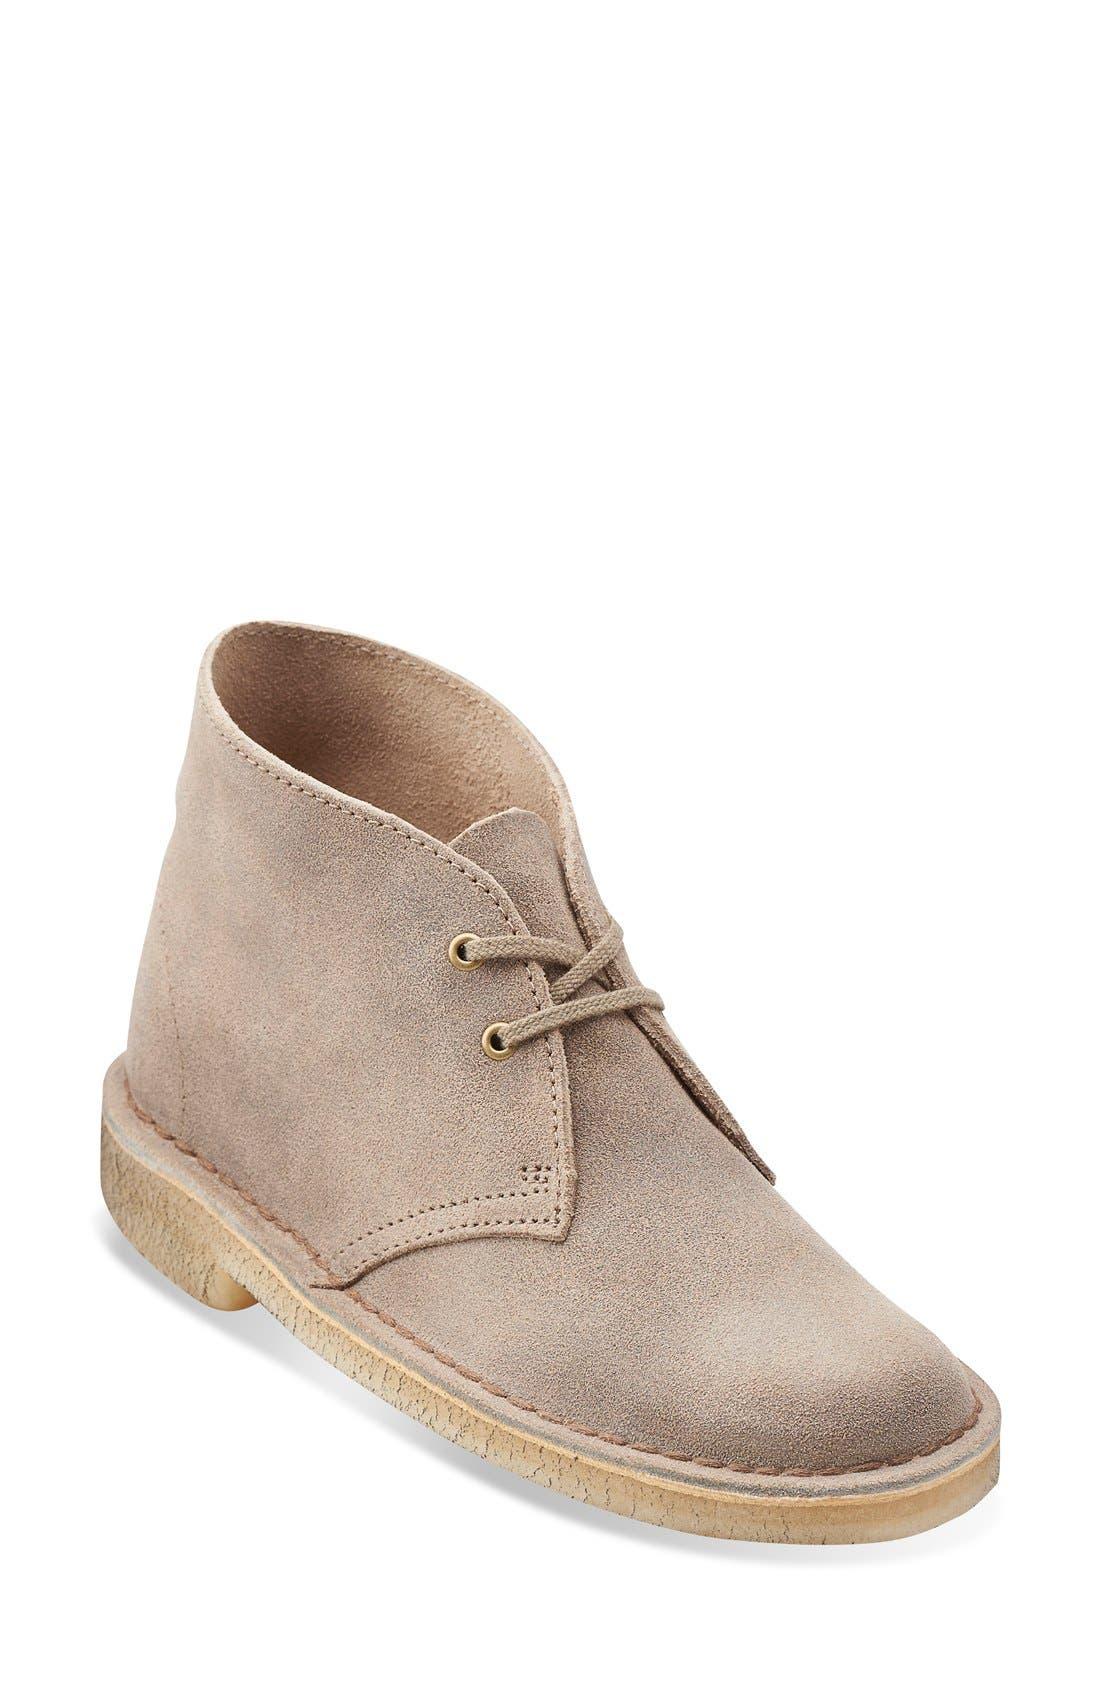 CLARKS® ORIGINALS Desert Boot